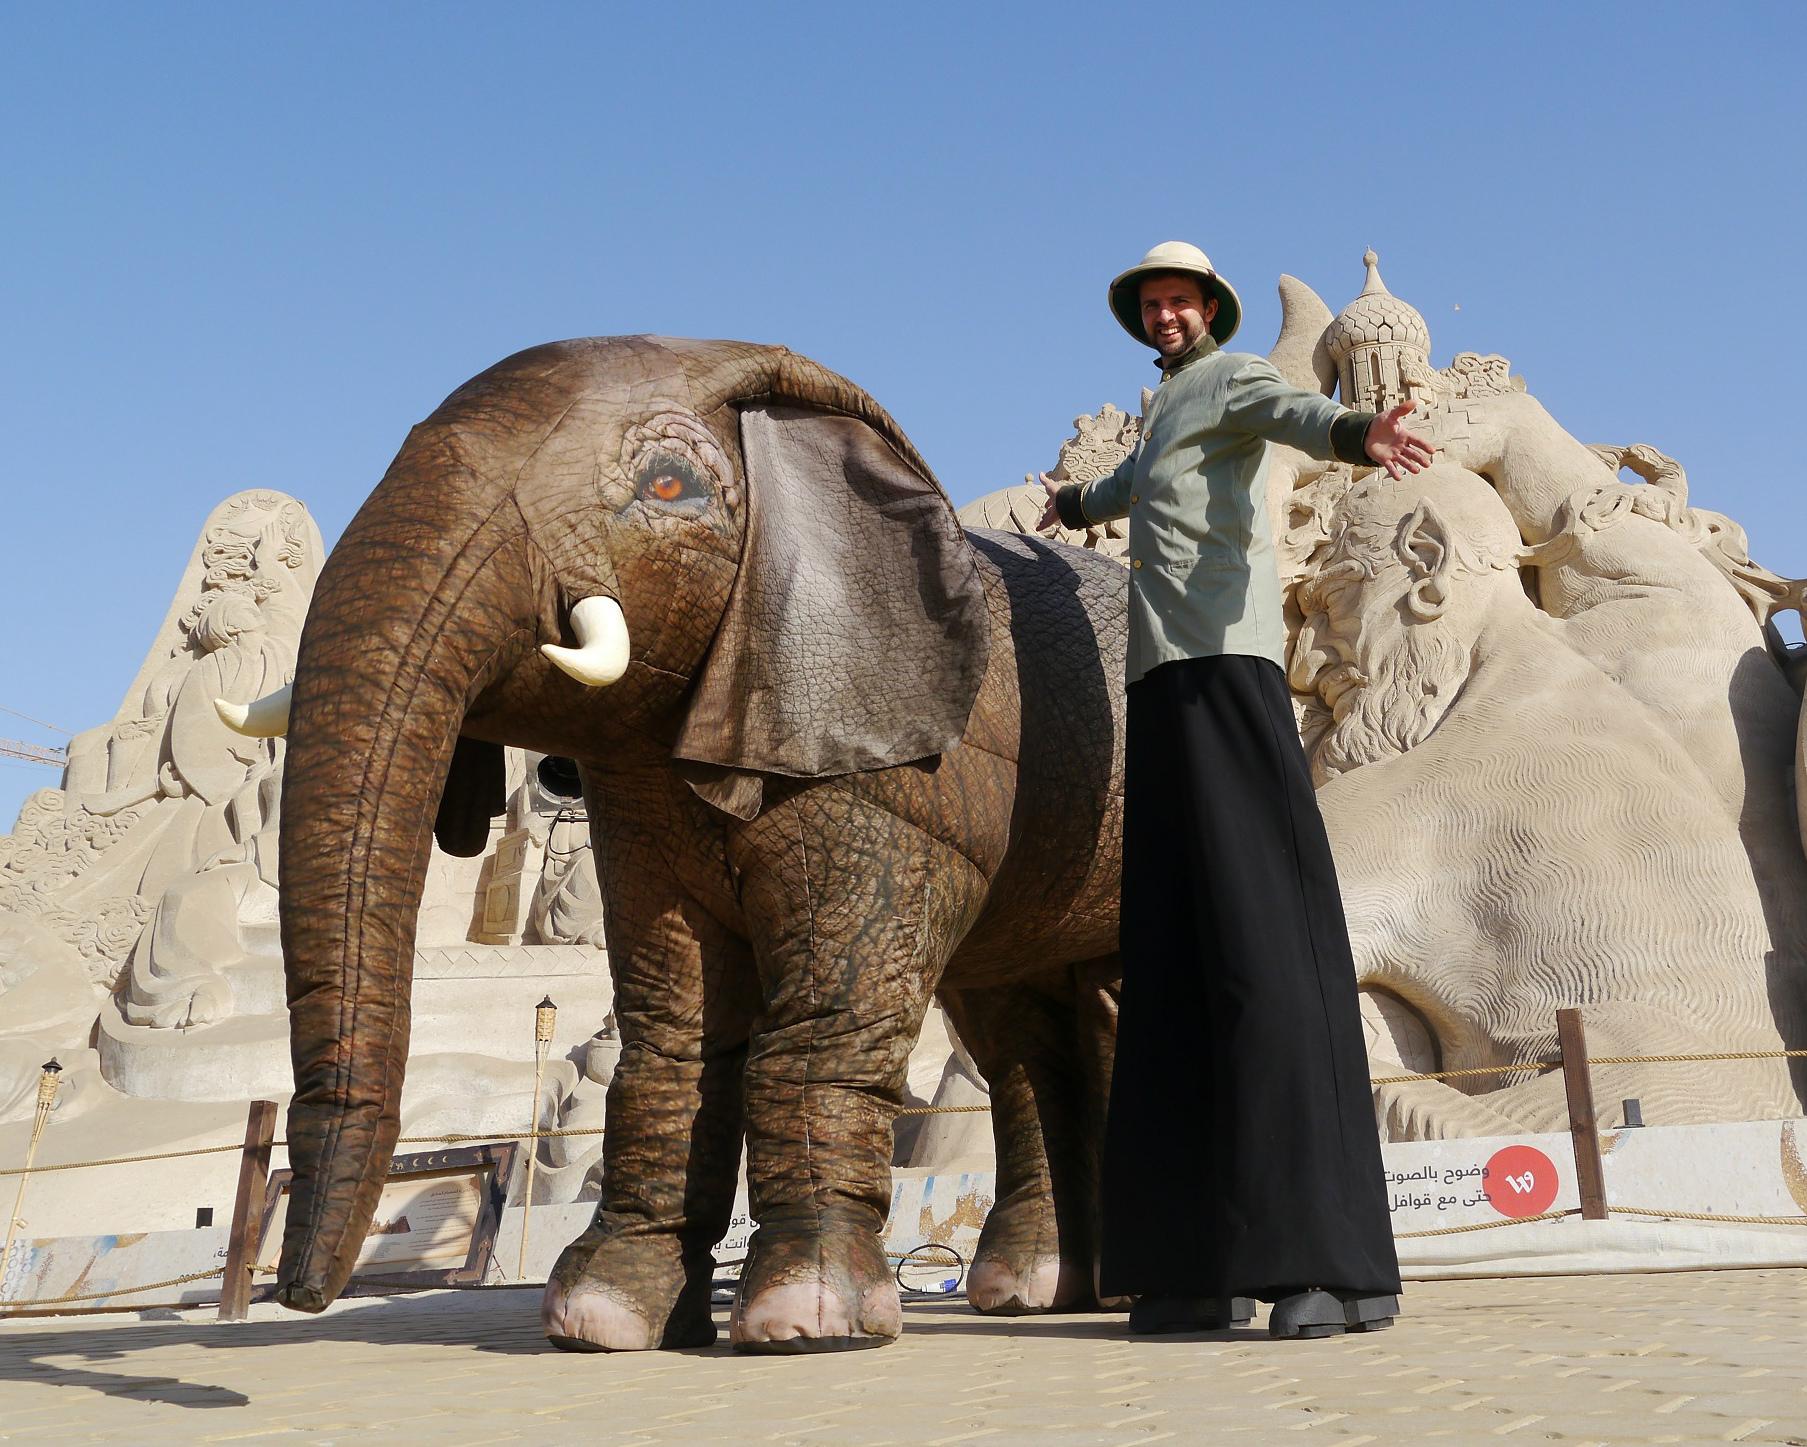 Eesha Elephant entertainer